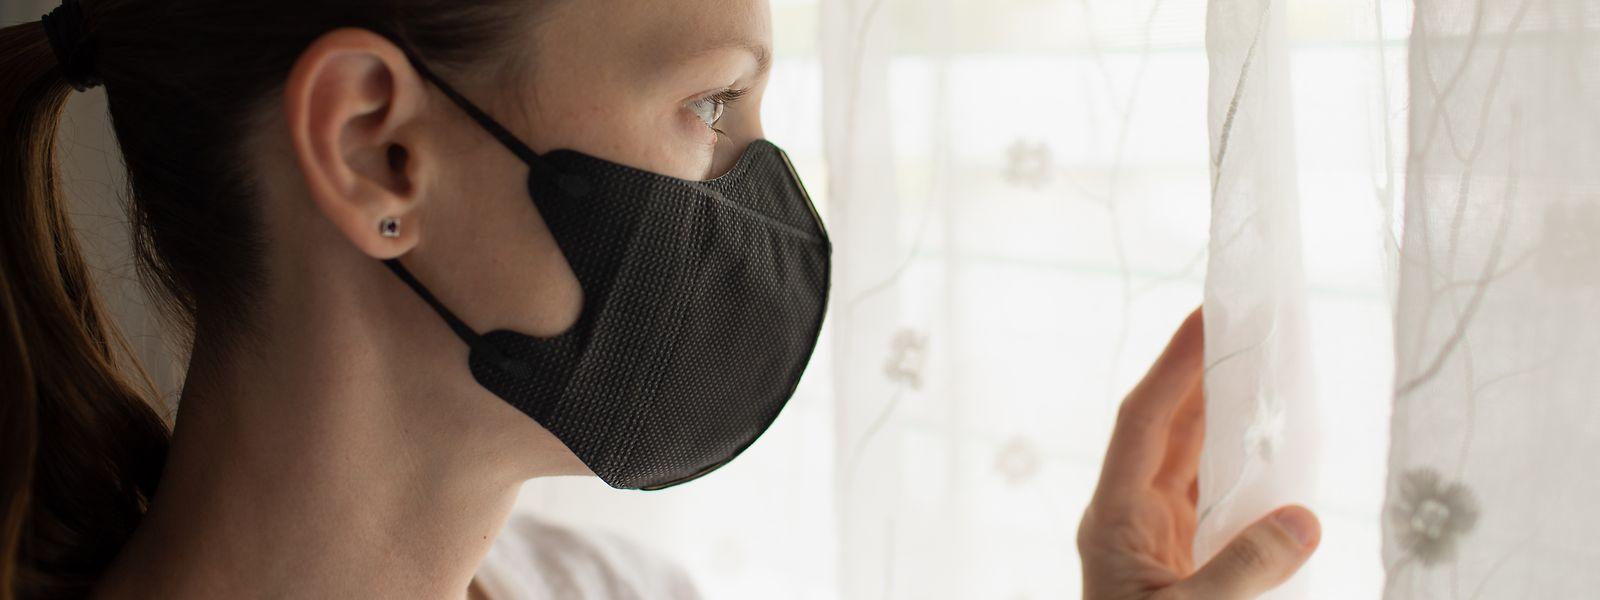 Kann ich mich trauen, die Wohnung trotz Pandemie zu verlassen? Zwischen gesunder Vorsicht und übertriebener Panik ist es oft nur ein schmaler Grat.